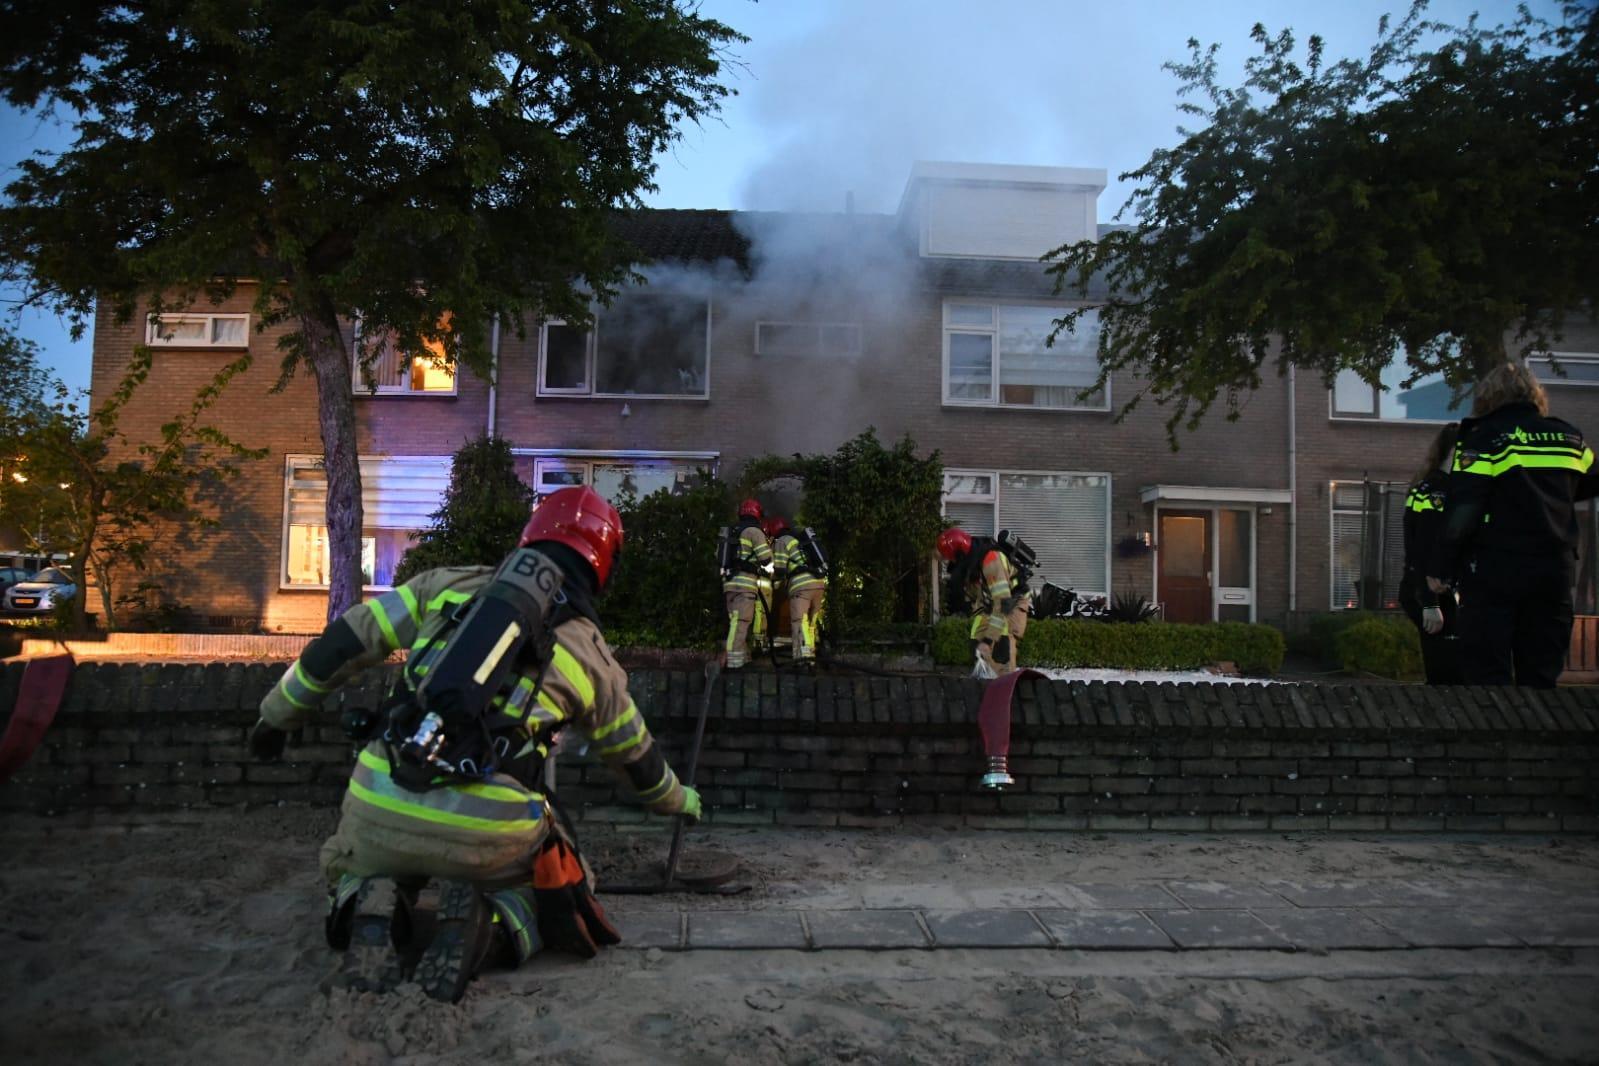 Twee personen uit brandende huis gered in Hilversum, slachtoffers zwaargewond